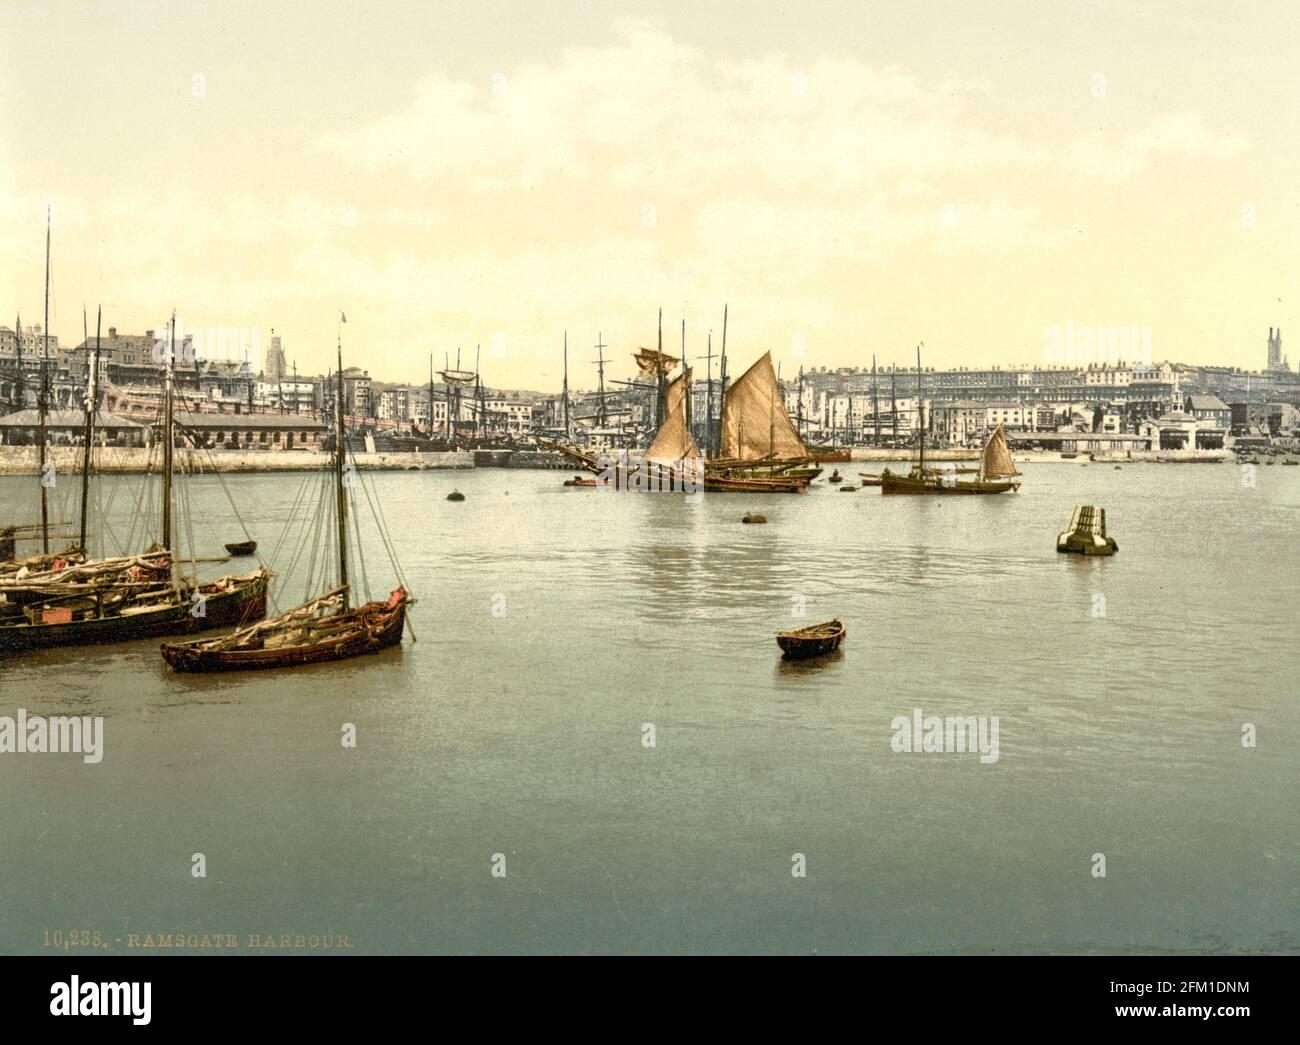 Ramsgate Harbour dans le Kent vers 1890-1900 Banque D'Images